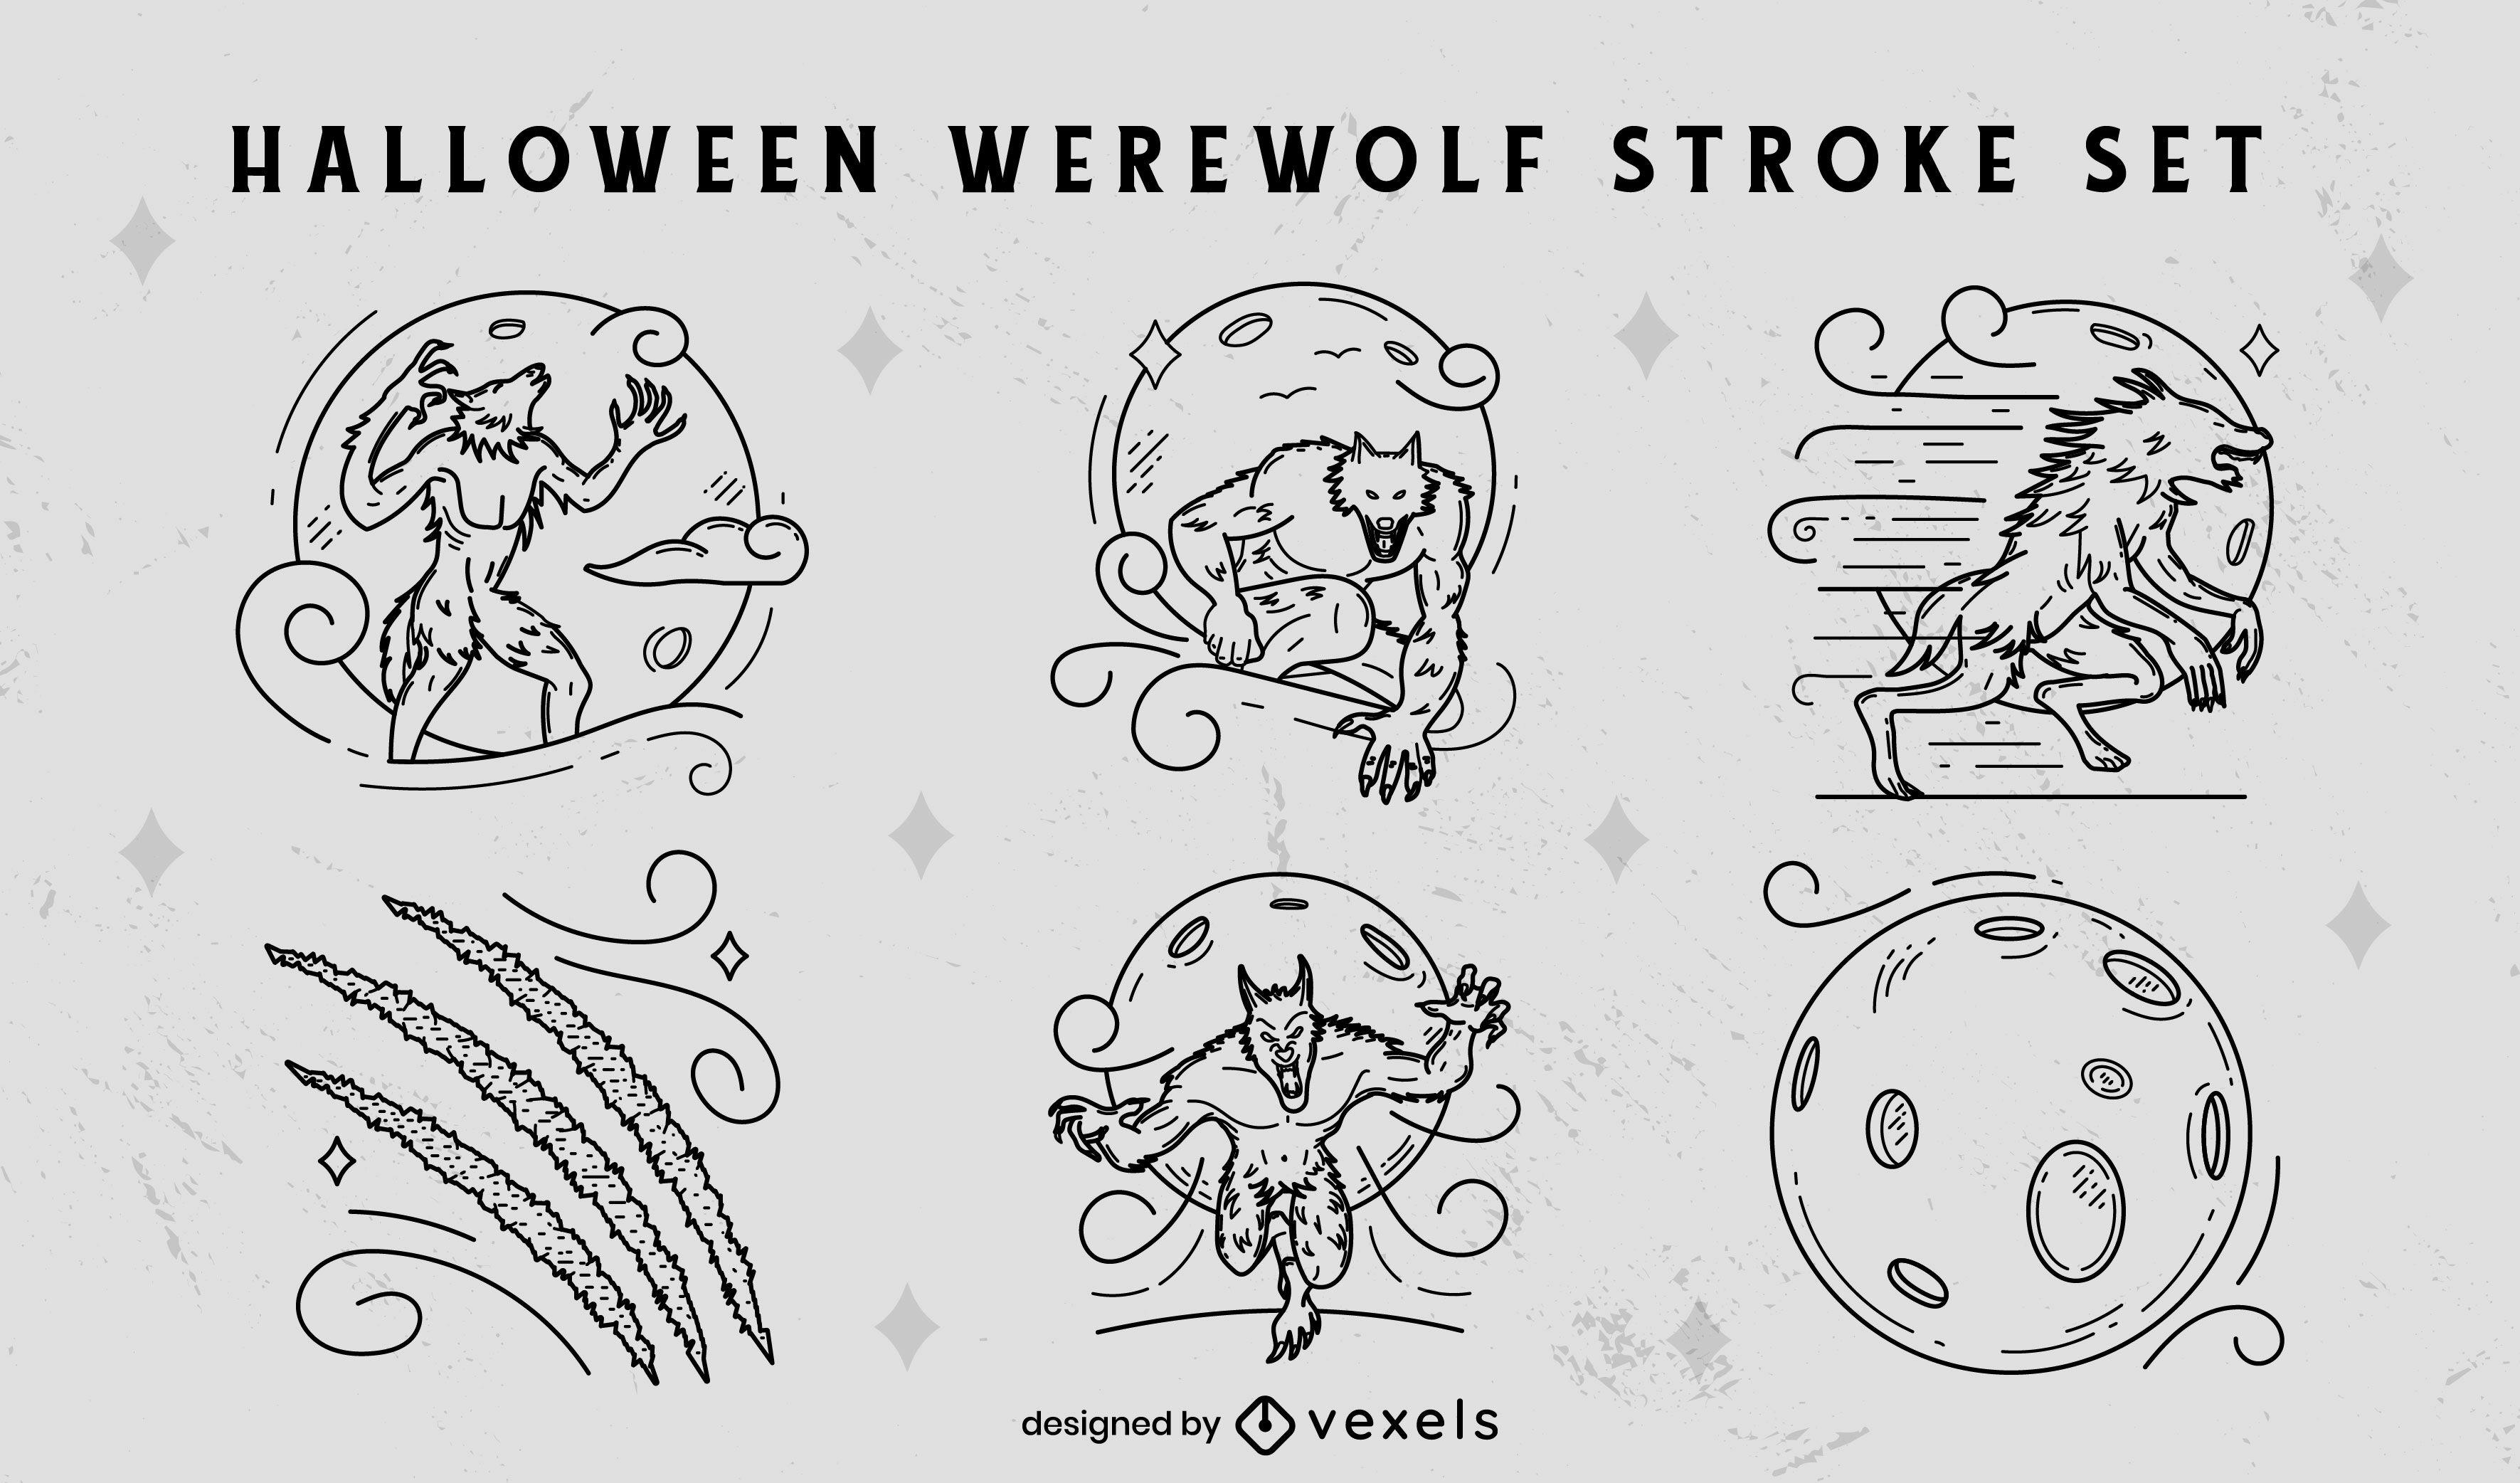 Werwolf übernatürliches Monster-Strich-Set